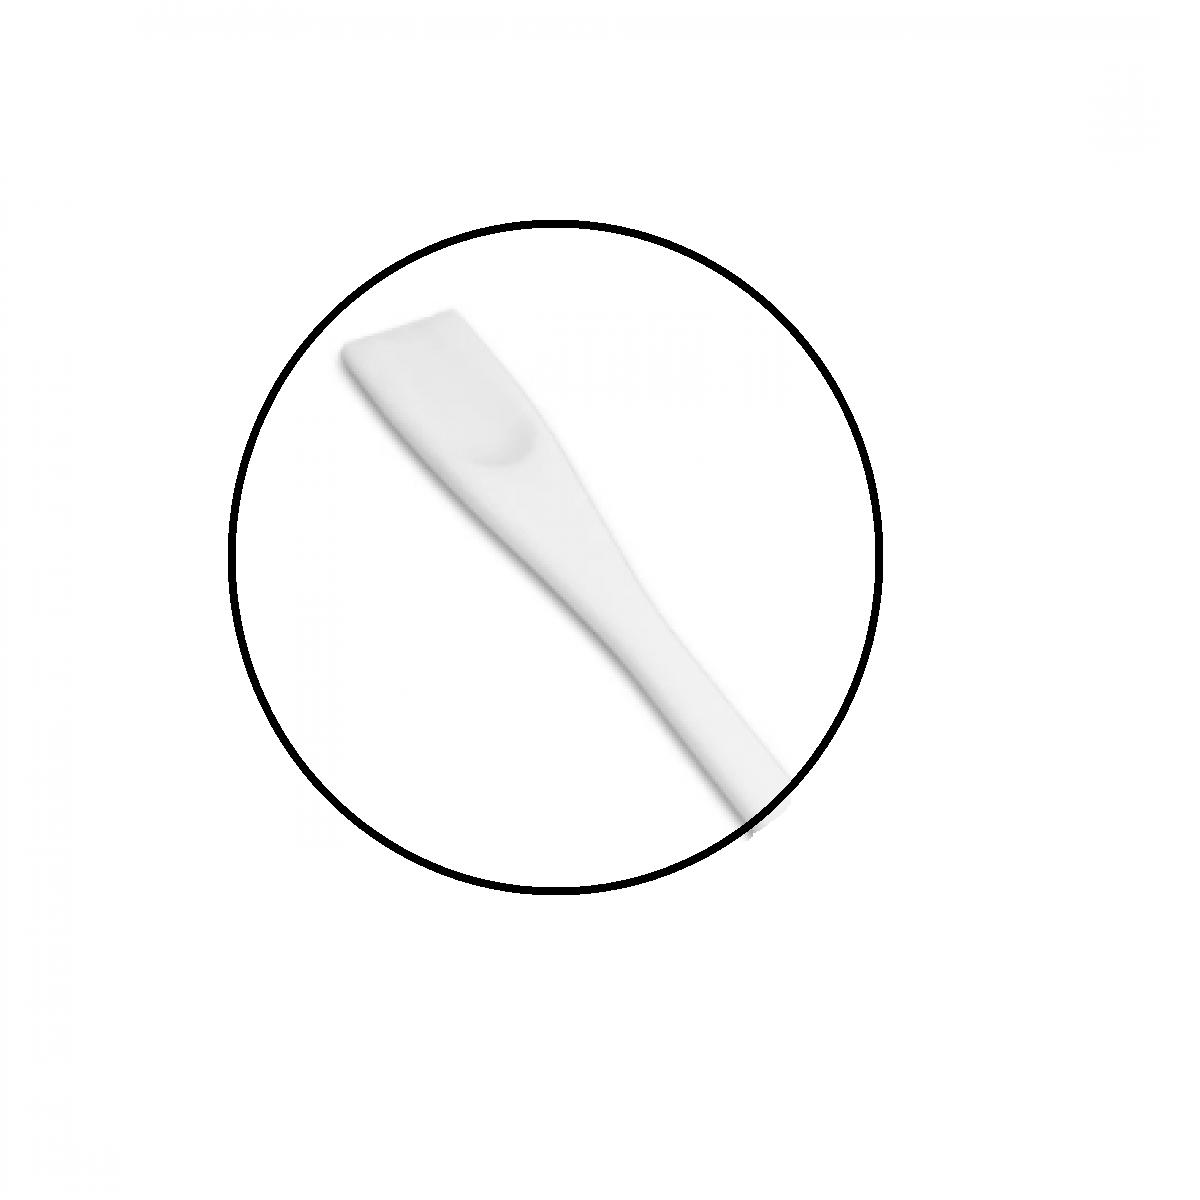 Colher De Polietileno Para Cozinha Industrial Pronyl  60 Cm REF:327  - LZ COZINHA